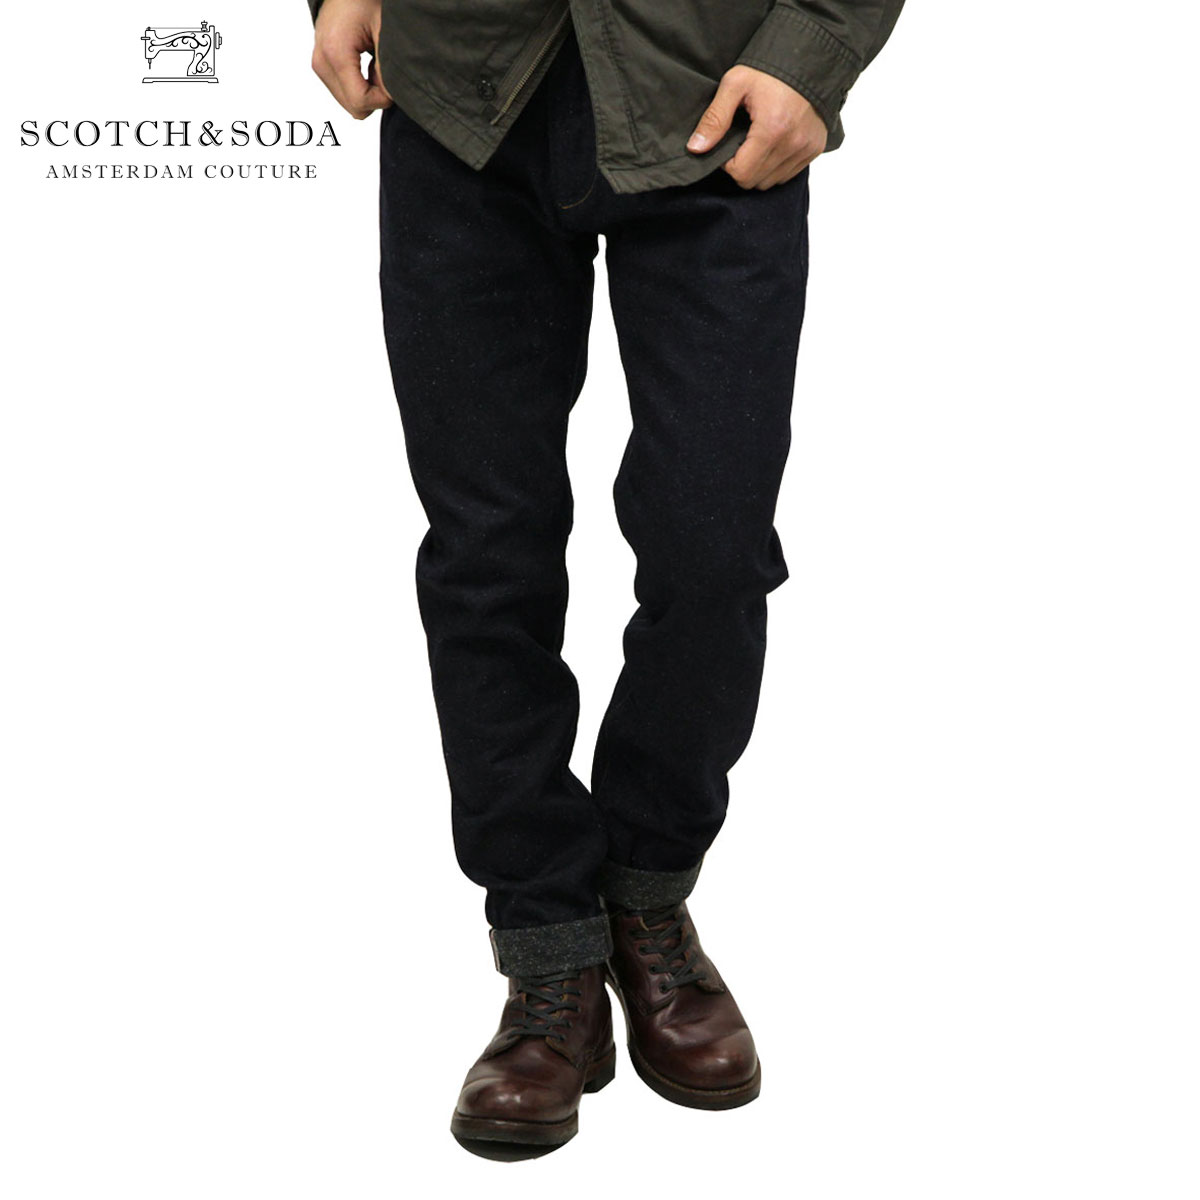 スコッチアンドソーダ ジーンズ メンズ 正規販売店 SCOTCH&SODA ジーパン LOT 22 LOT 22 Dean Sasuga Dry Selvedge 85116 48